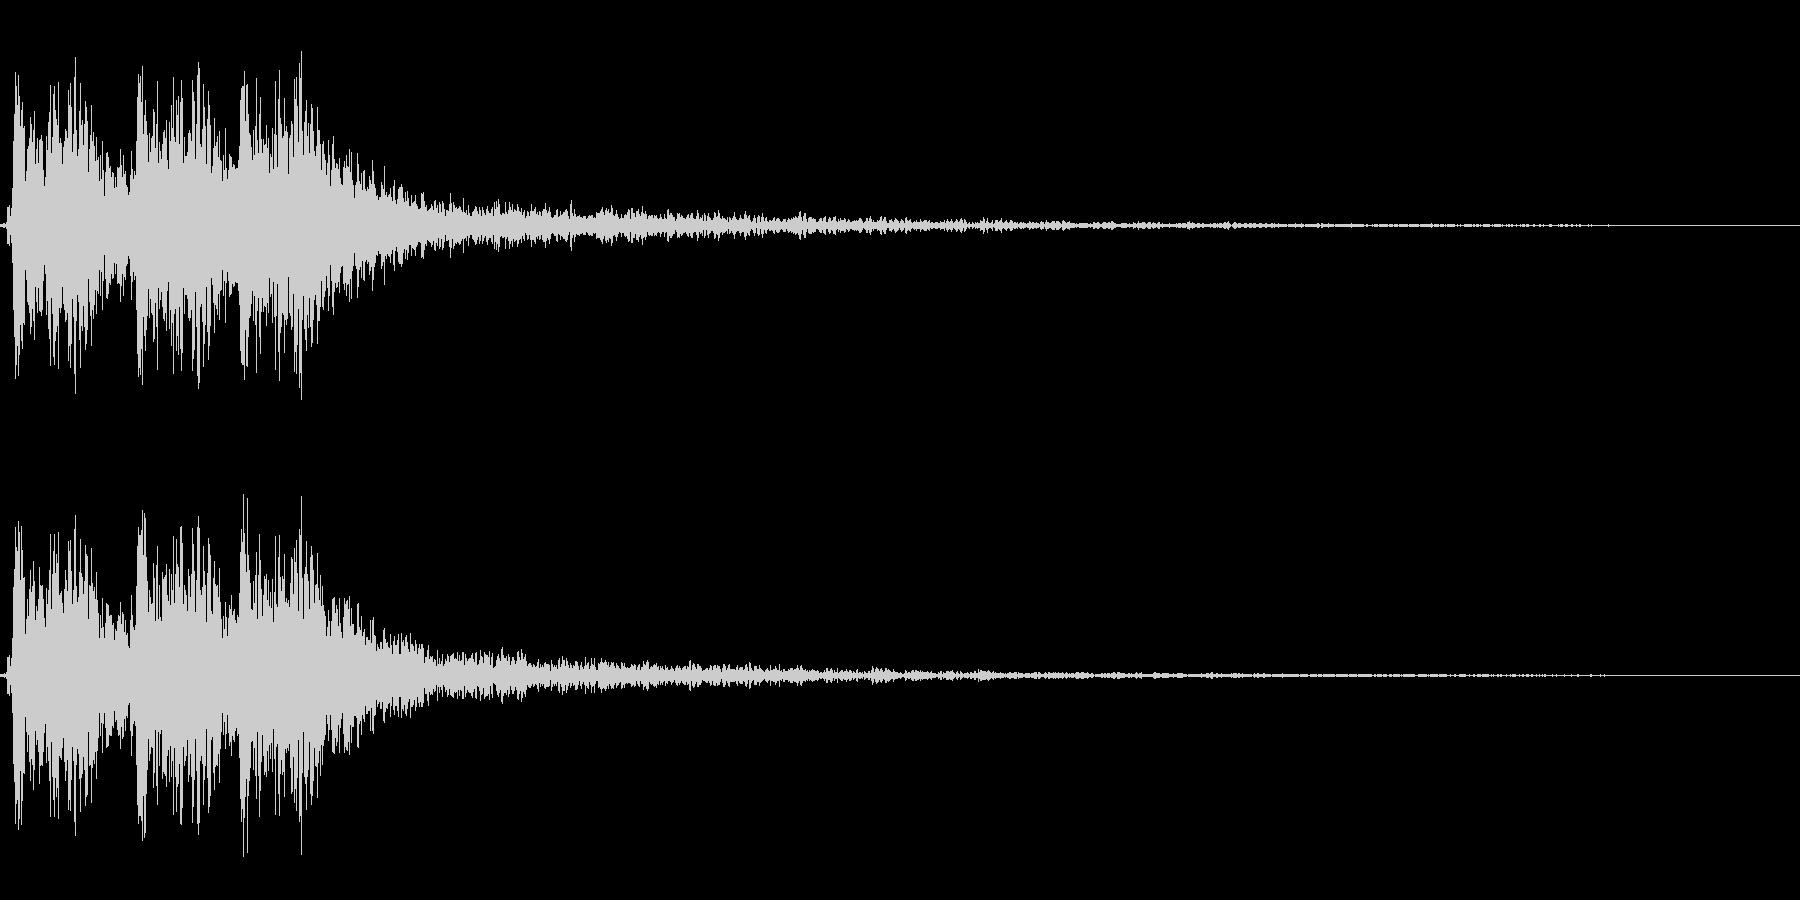 【打撃05-6】の未再生の波形